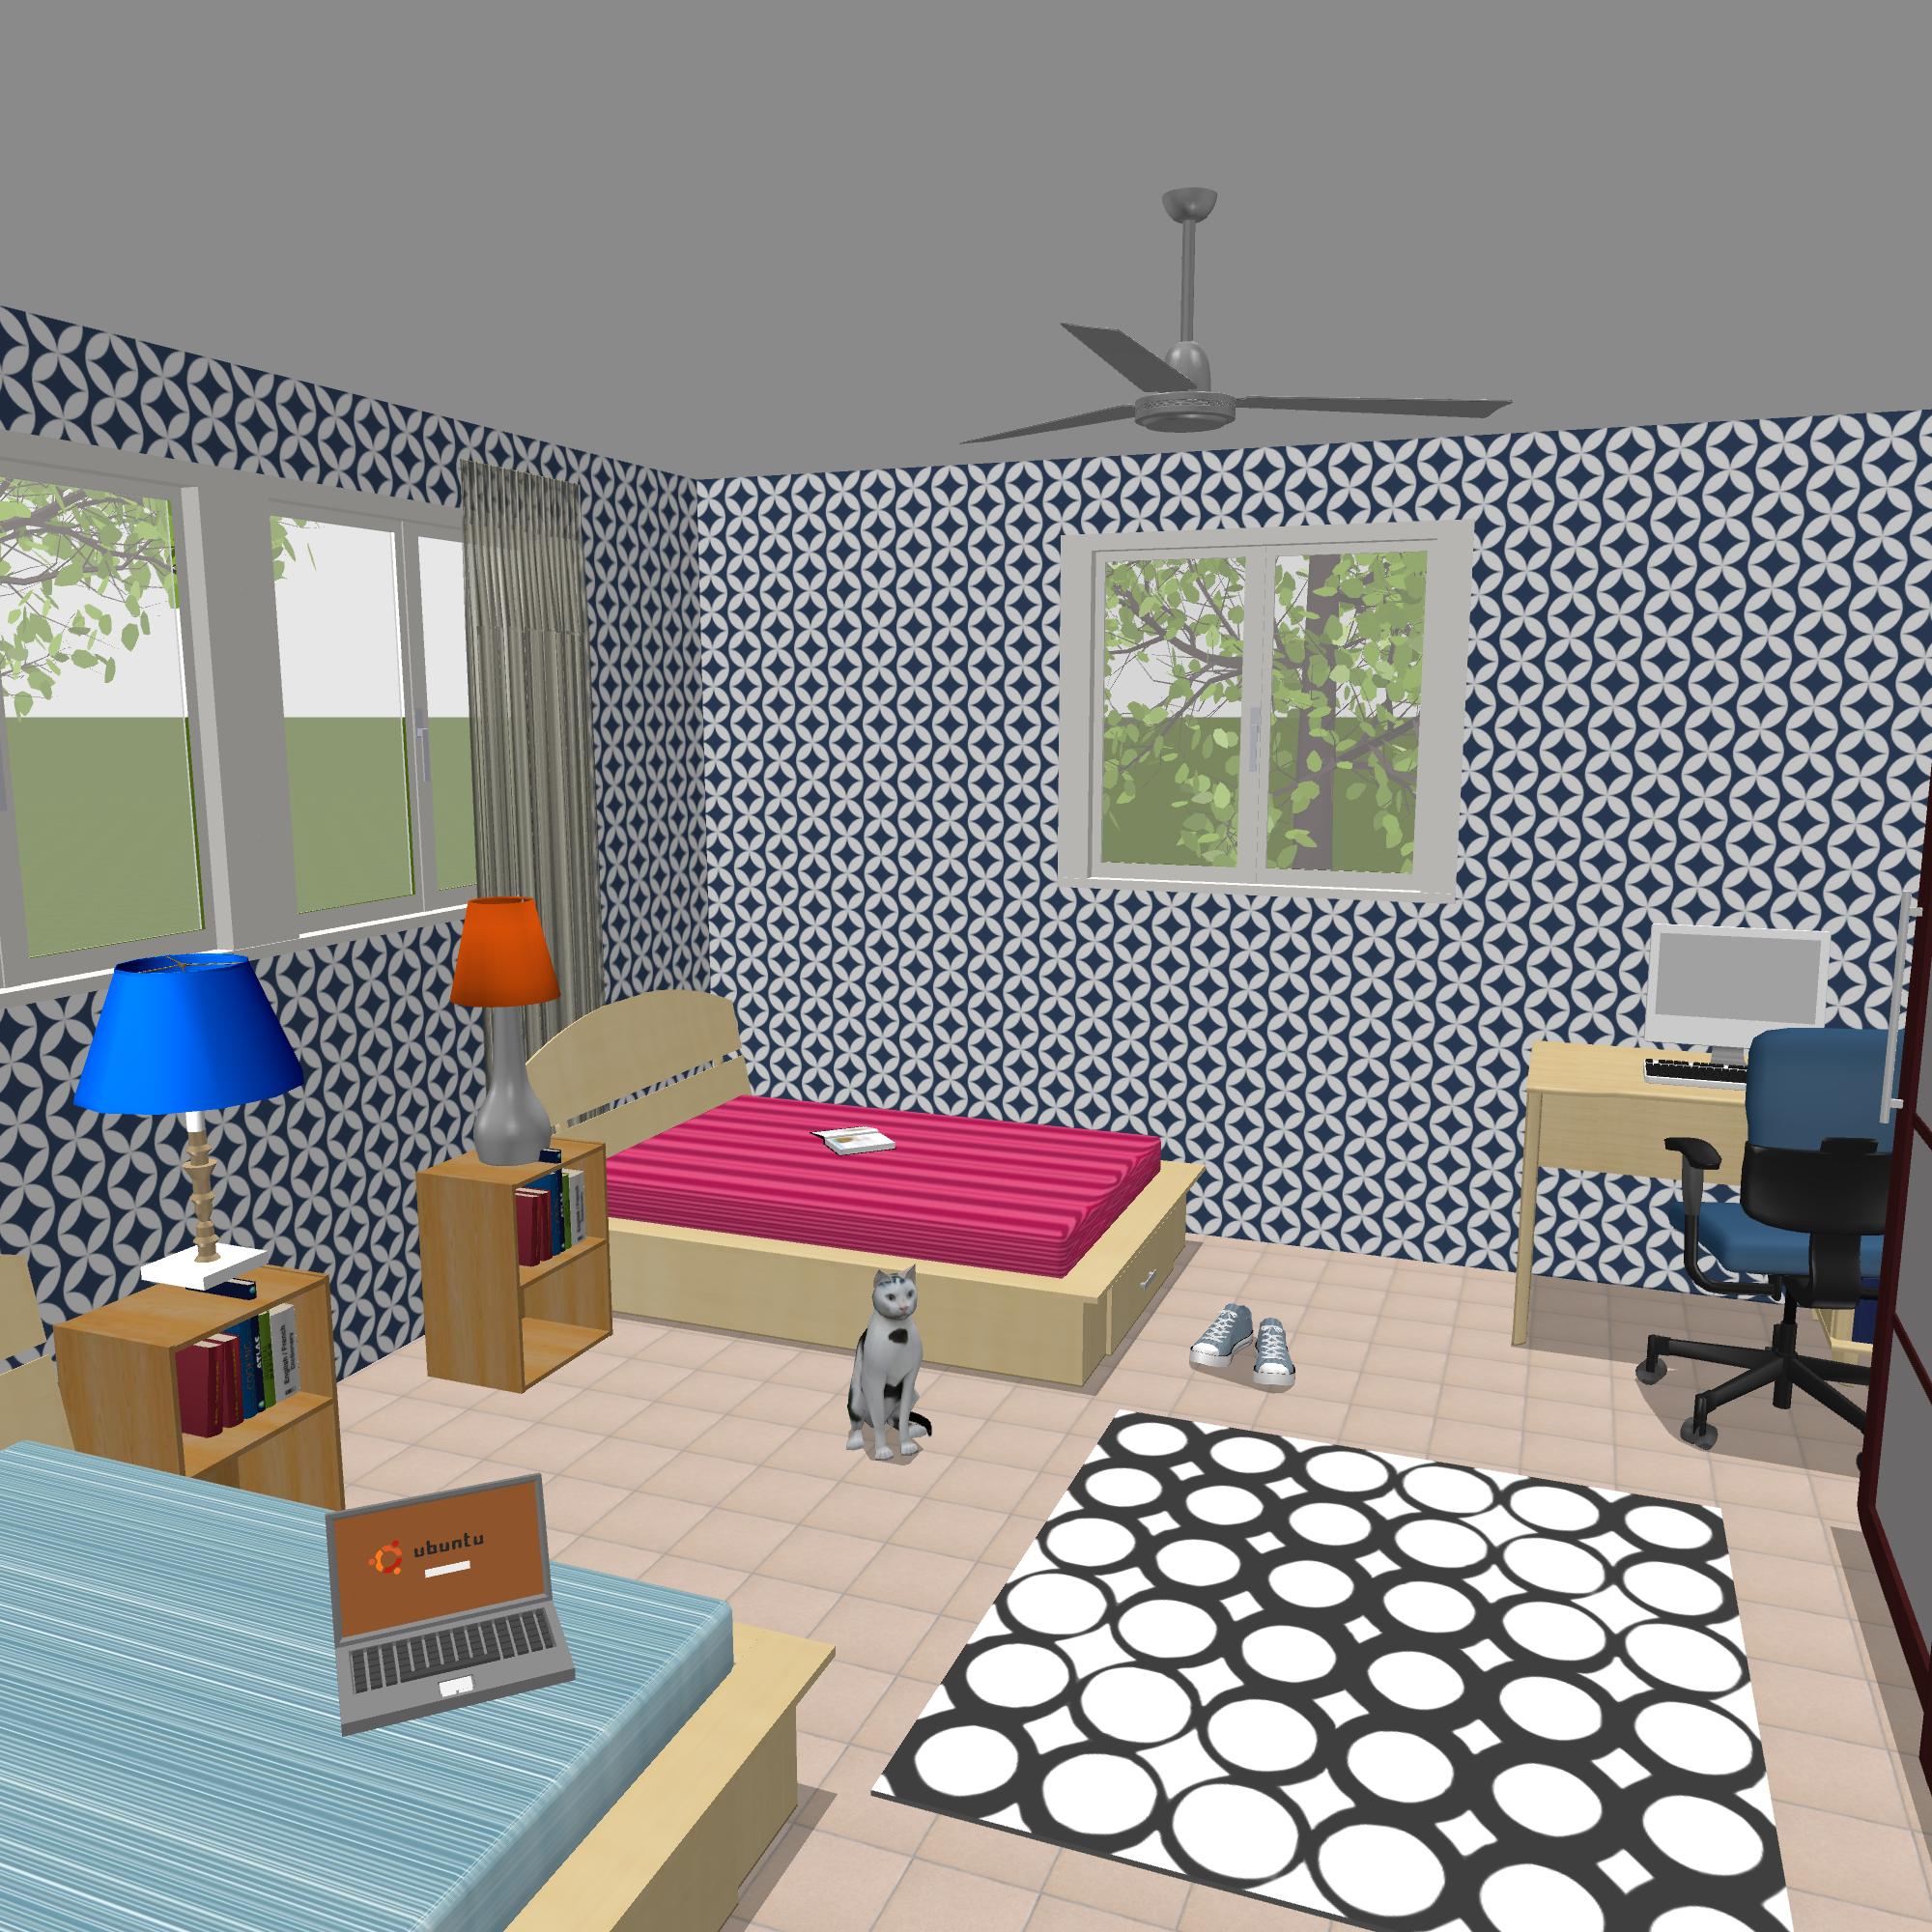 120sqm_bedroom2.png